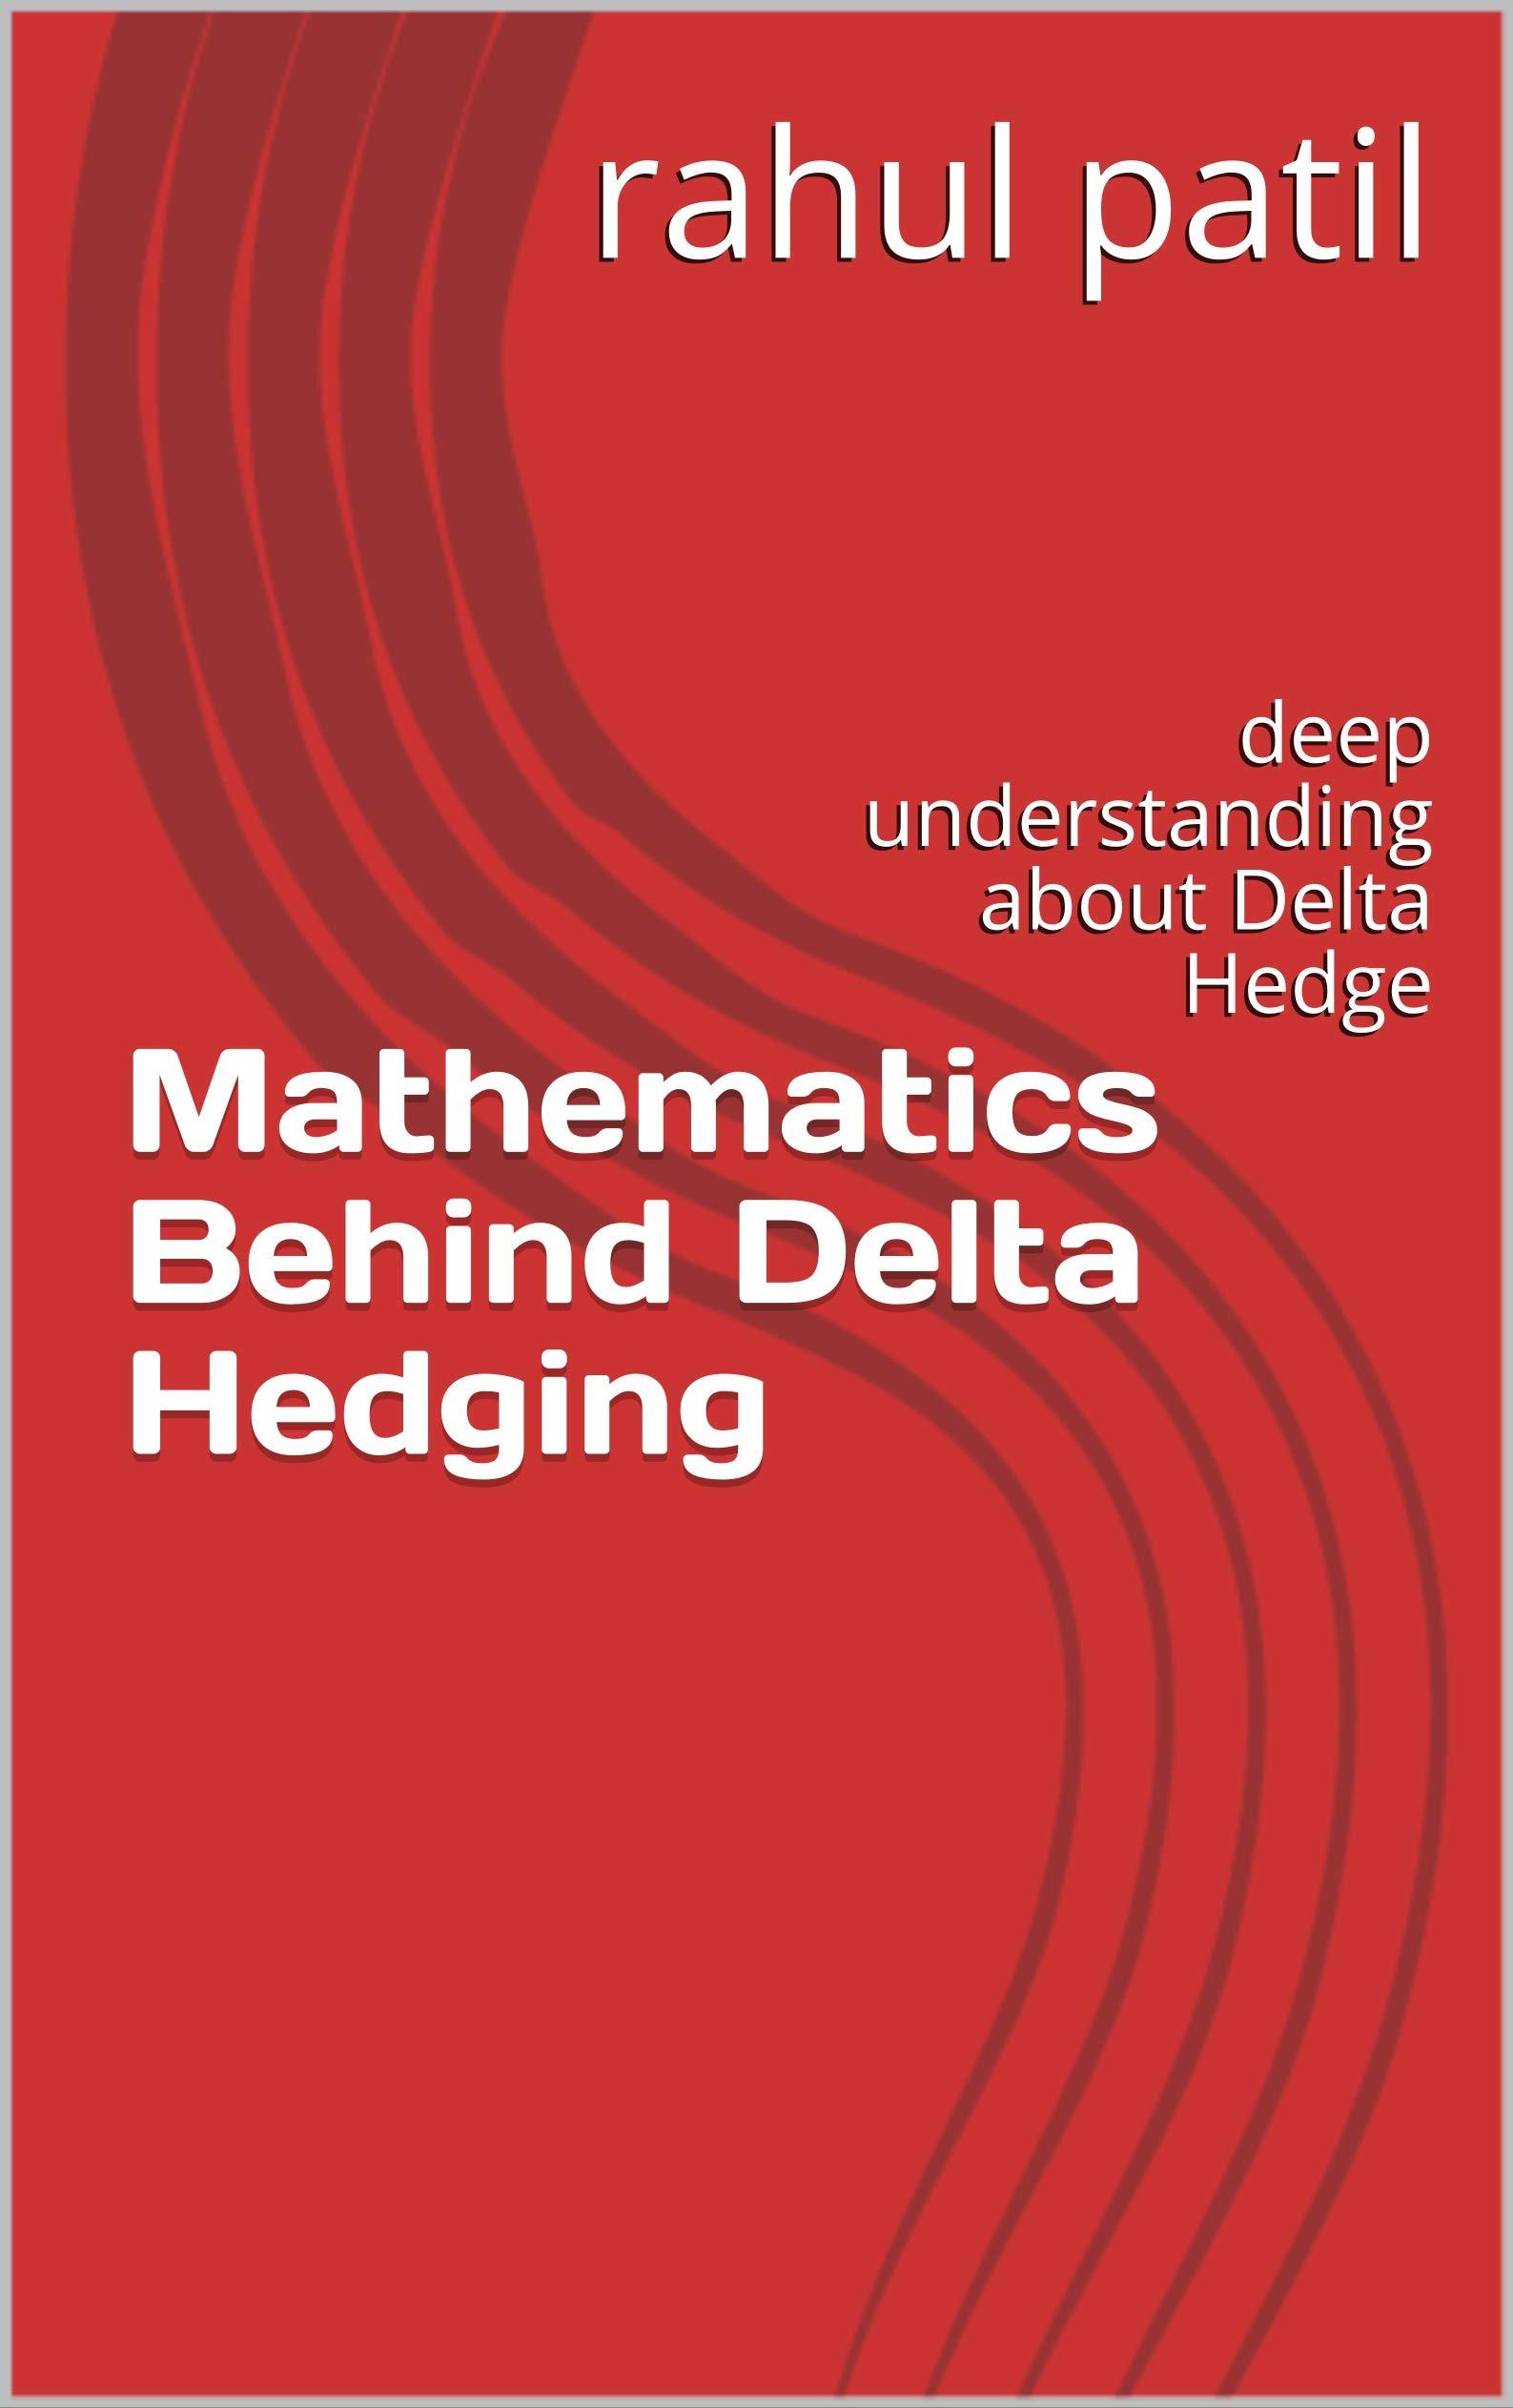 Mathematics Behind Delta Hedging : deep understanding about Delta Hedge